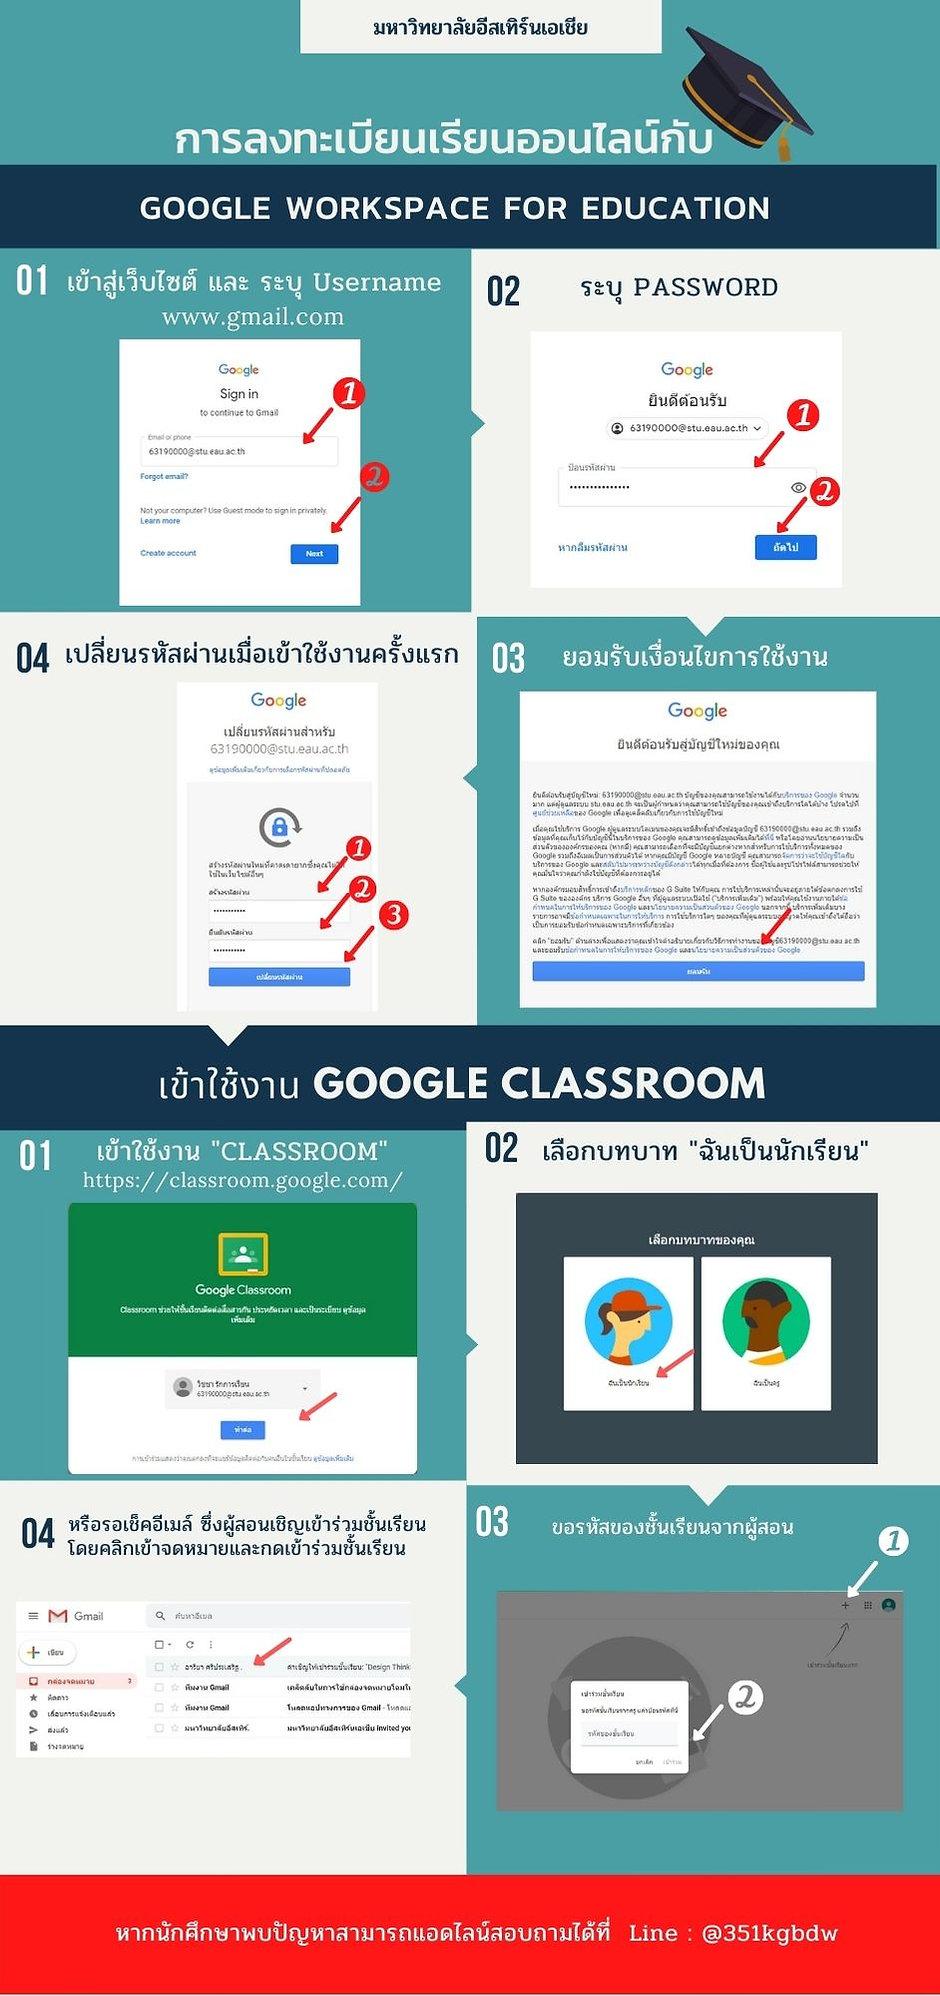 EAUOnlineLearning-Infographic.jpg